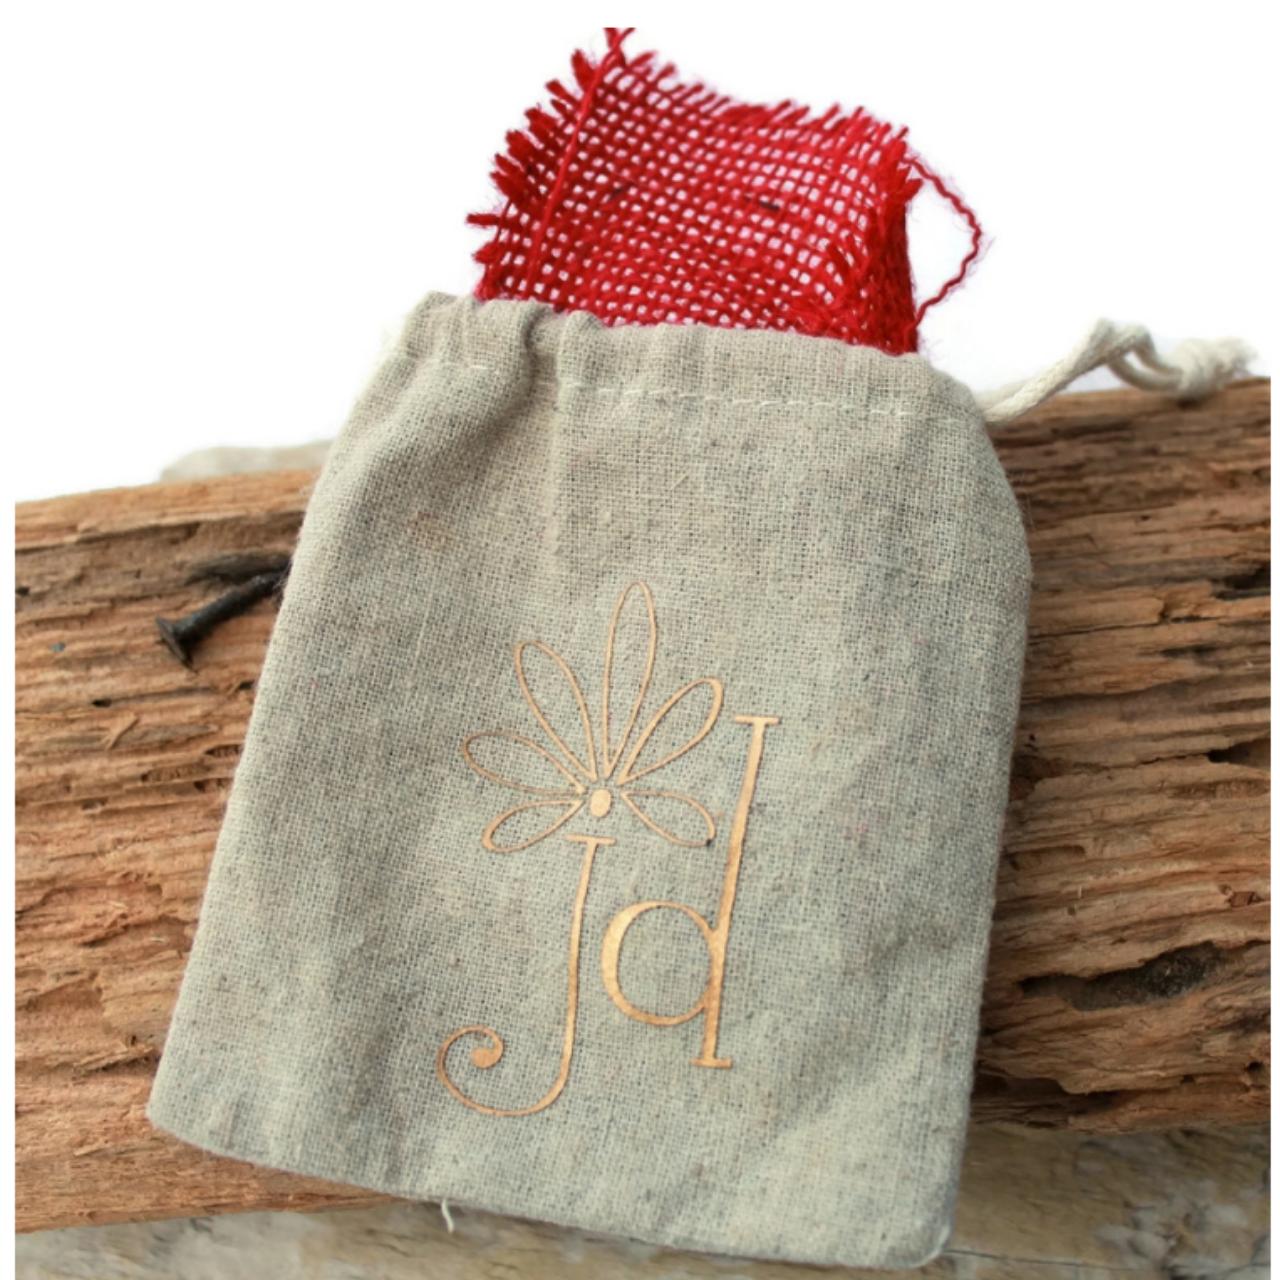 tan linen bag on wood